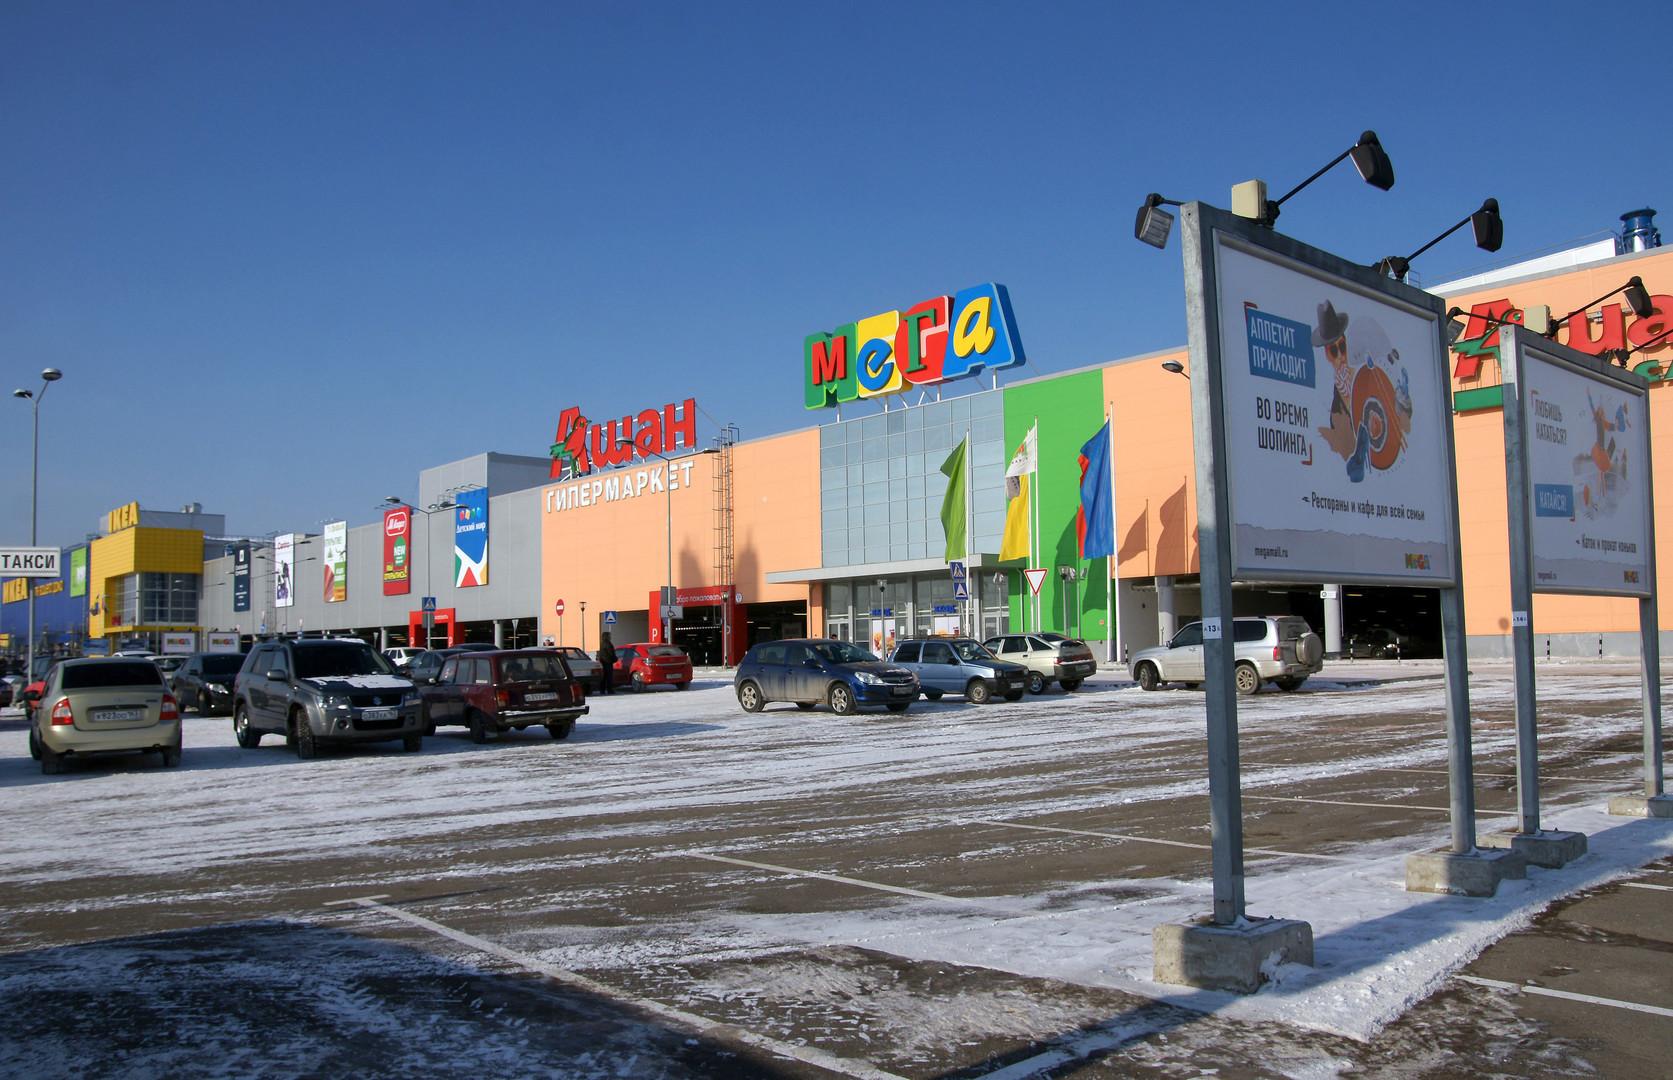 Handels- und Unterhaltungszentrum MEGA im russischen Samara